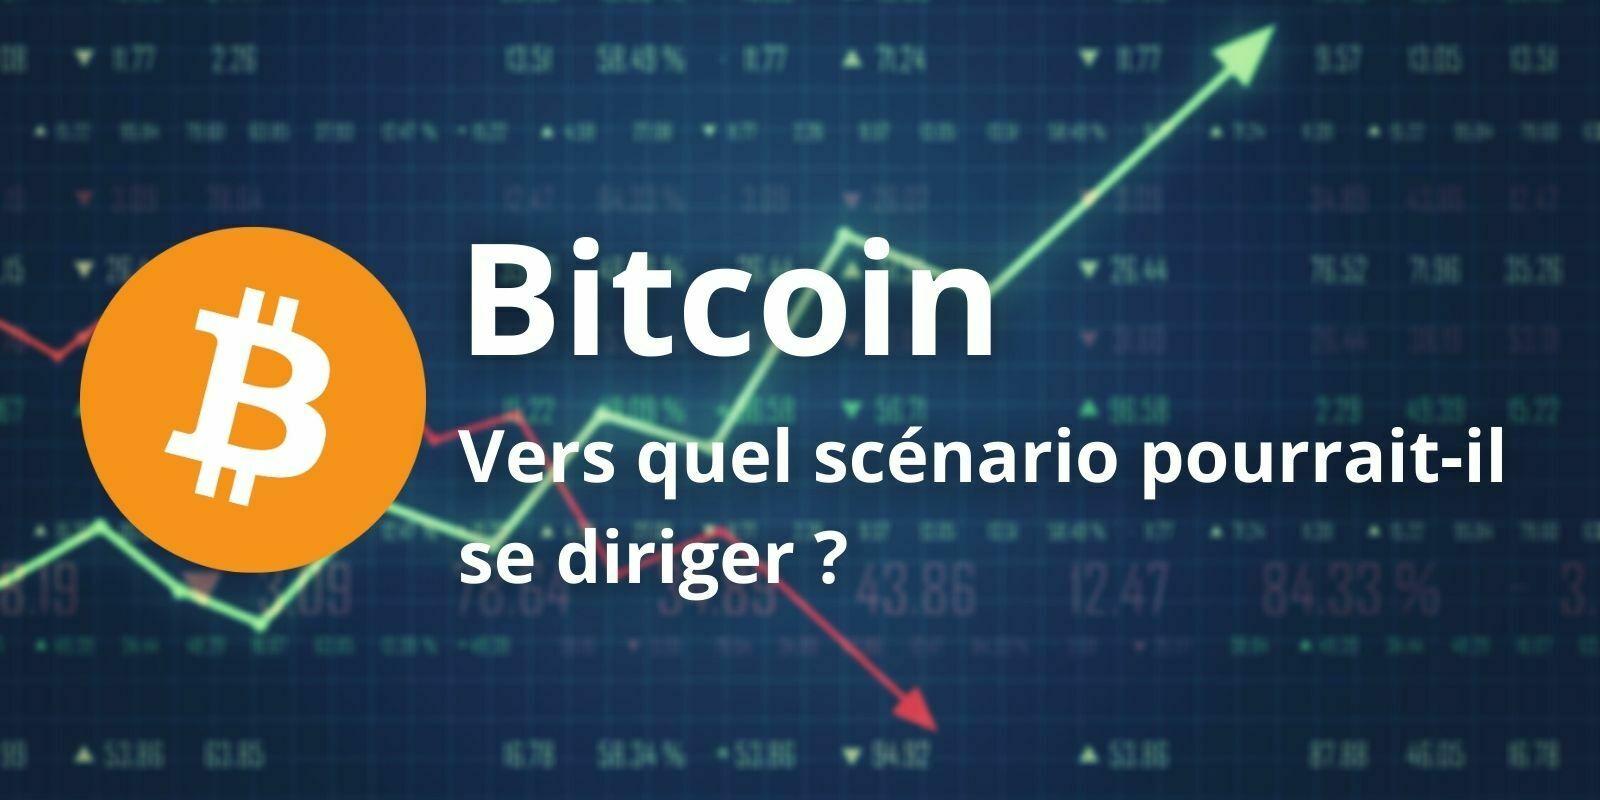 Le Bitcoin (BTC) consolide dans l'incertitude, tandis que l'Ether (ETH) surperforme